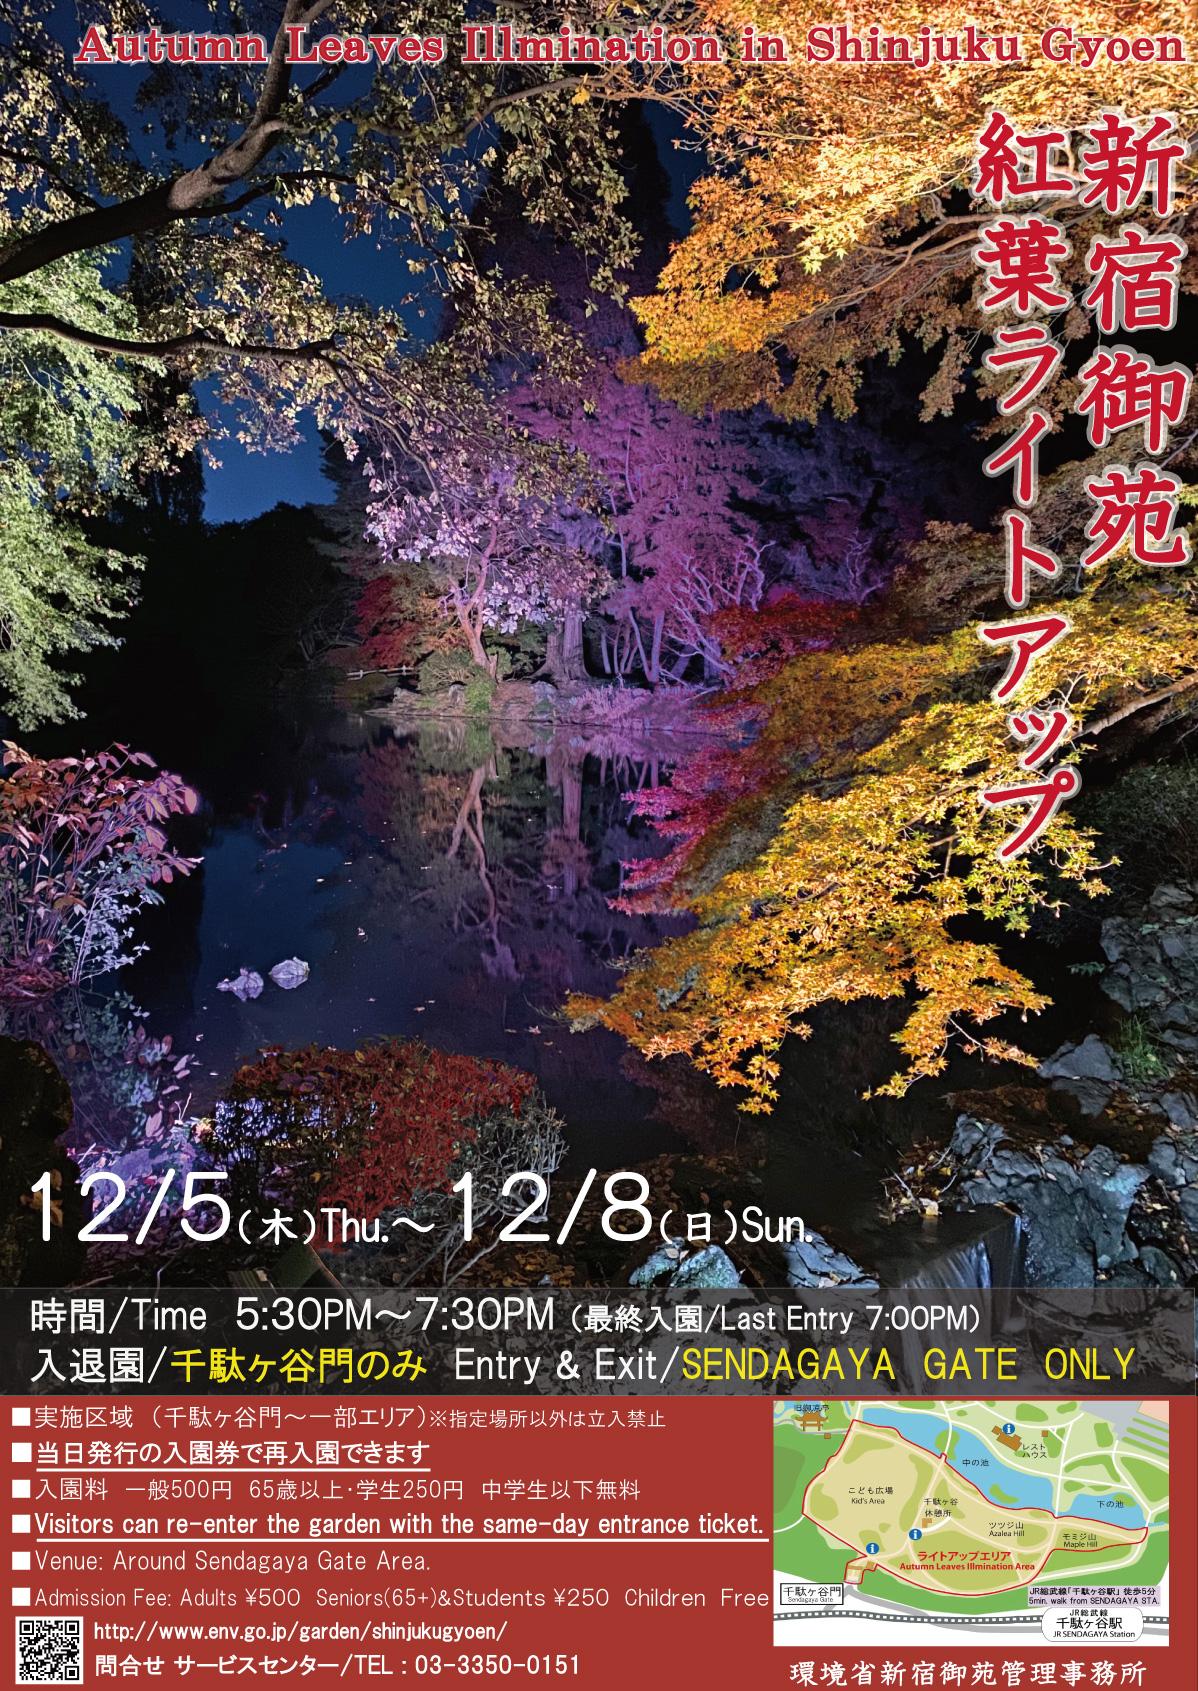 環境省_(お知らせ)紅葉ライトアップイベント 12月5日(木)~8日(日)